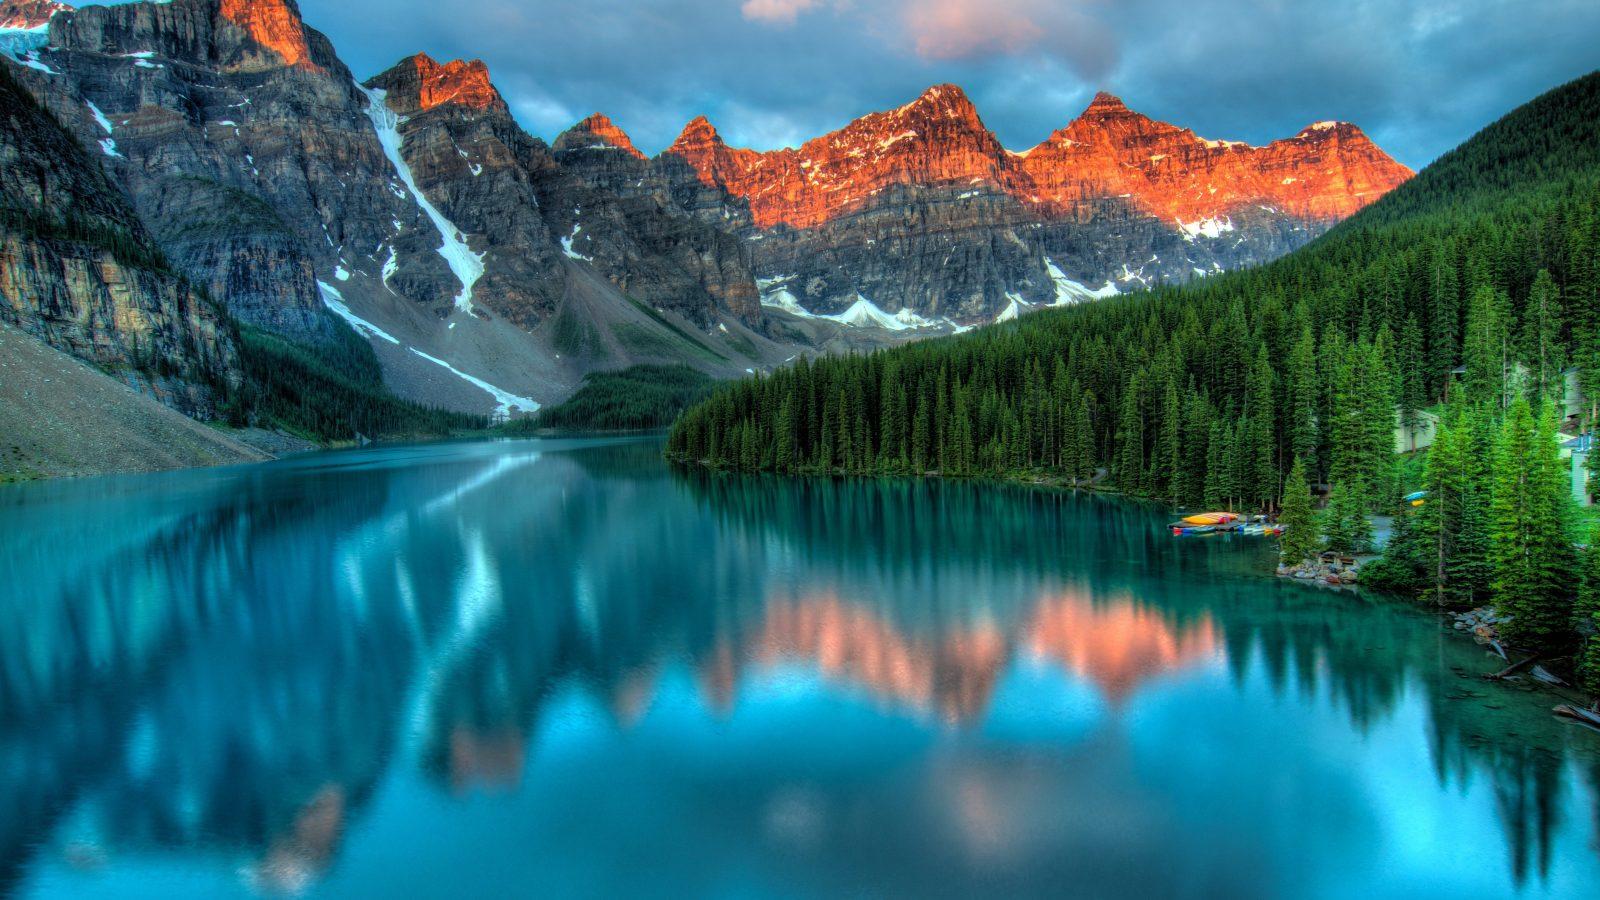 peaceful lake and mountain scene